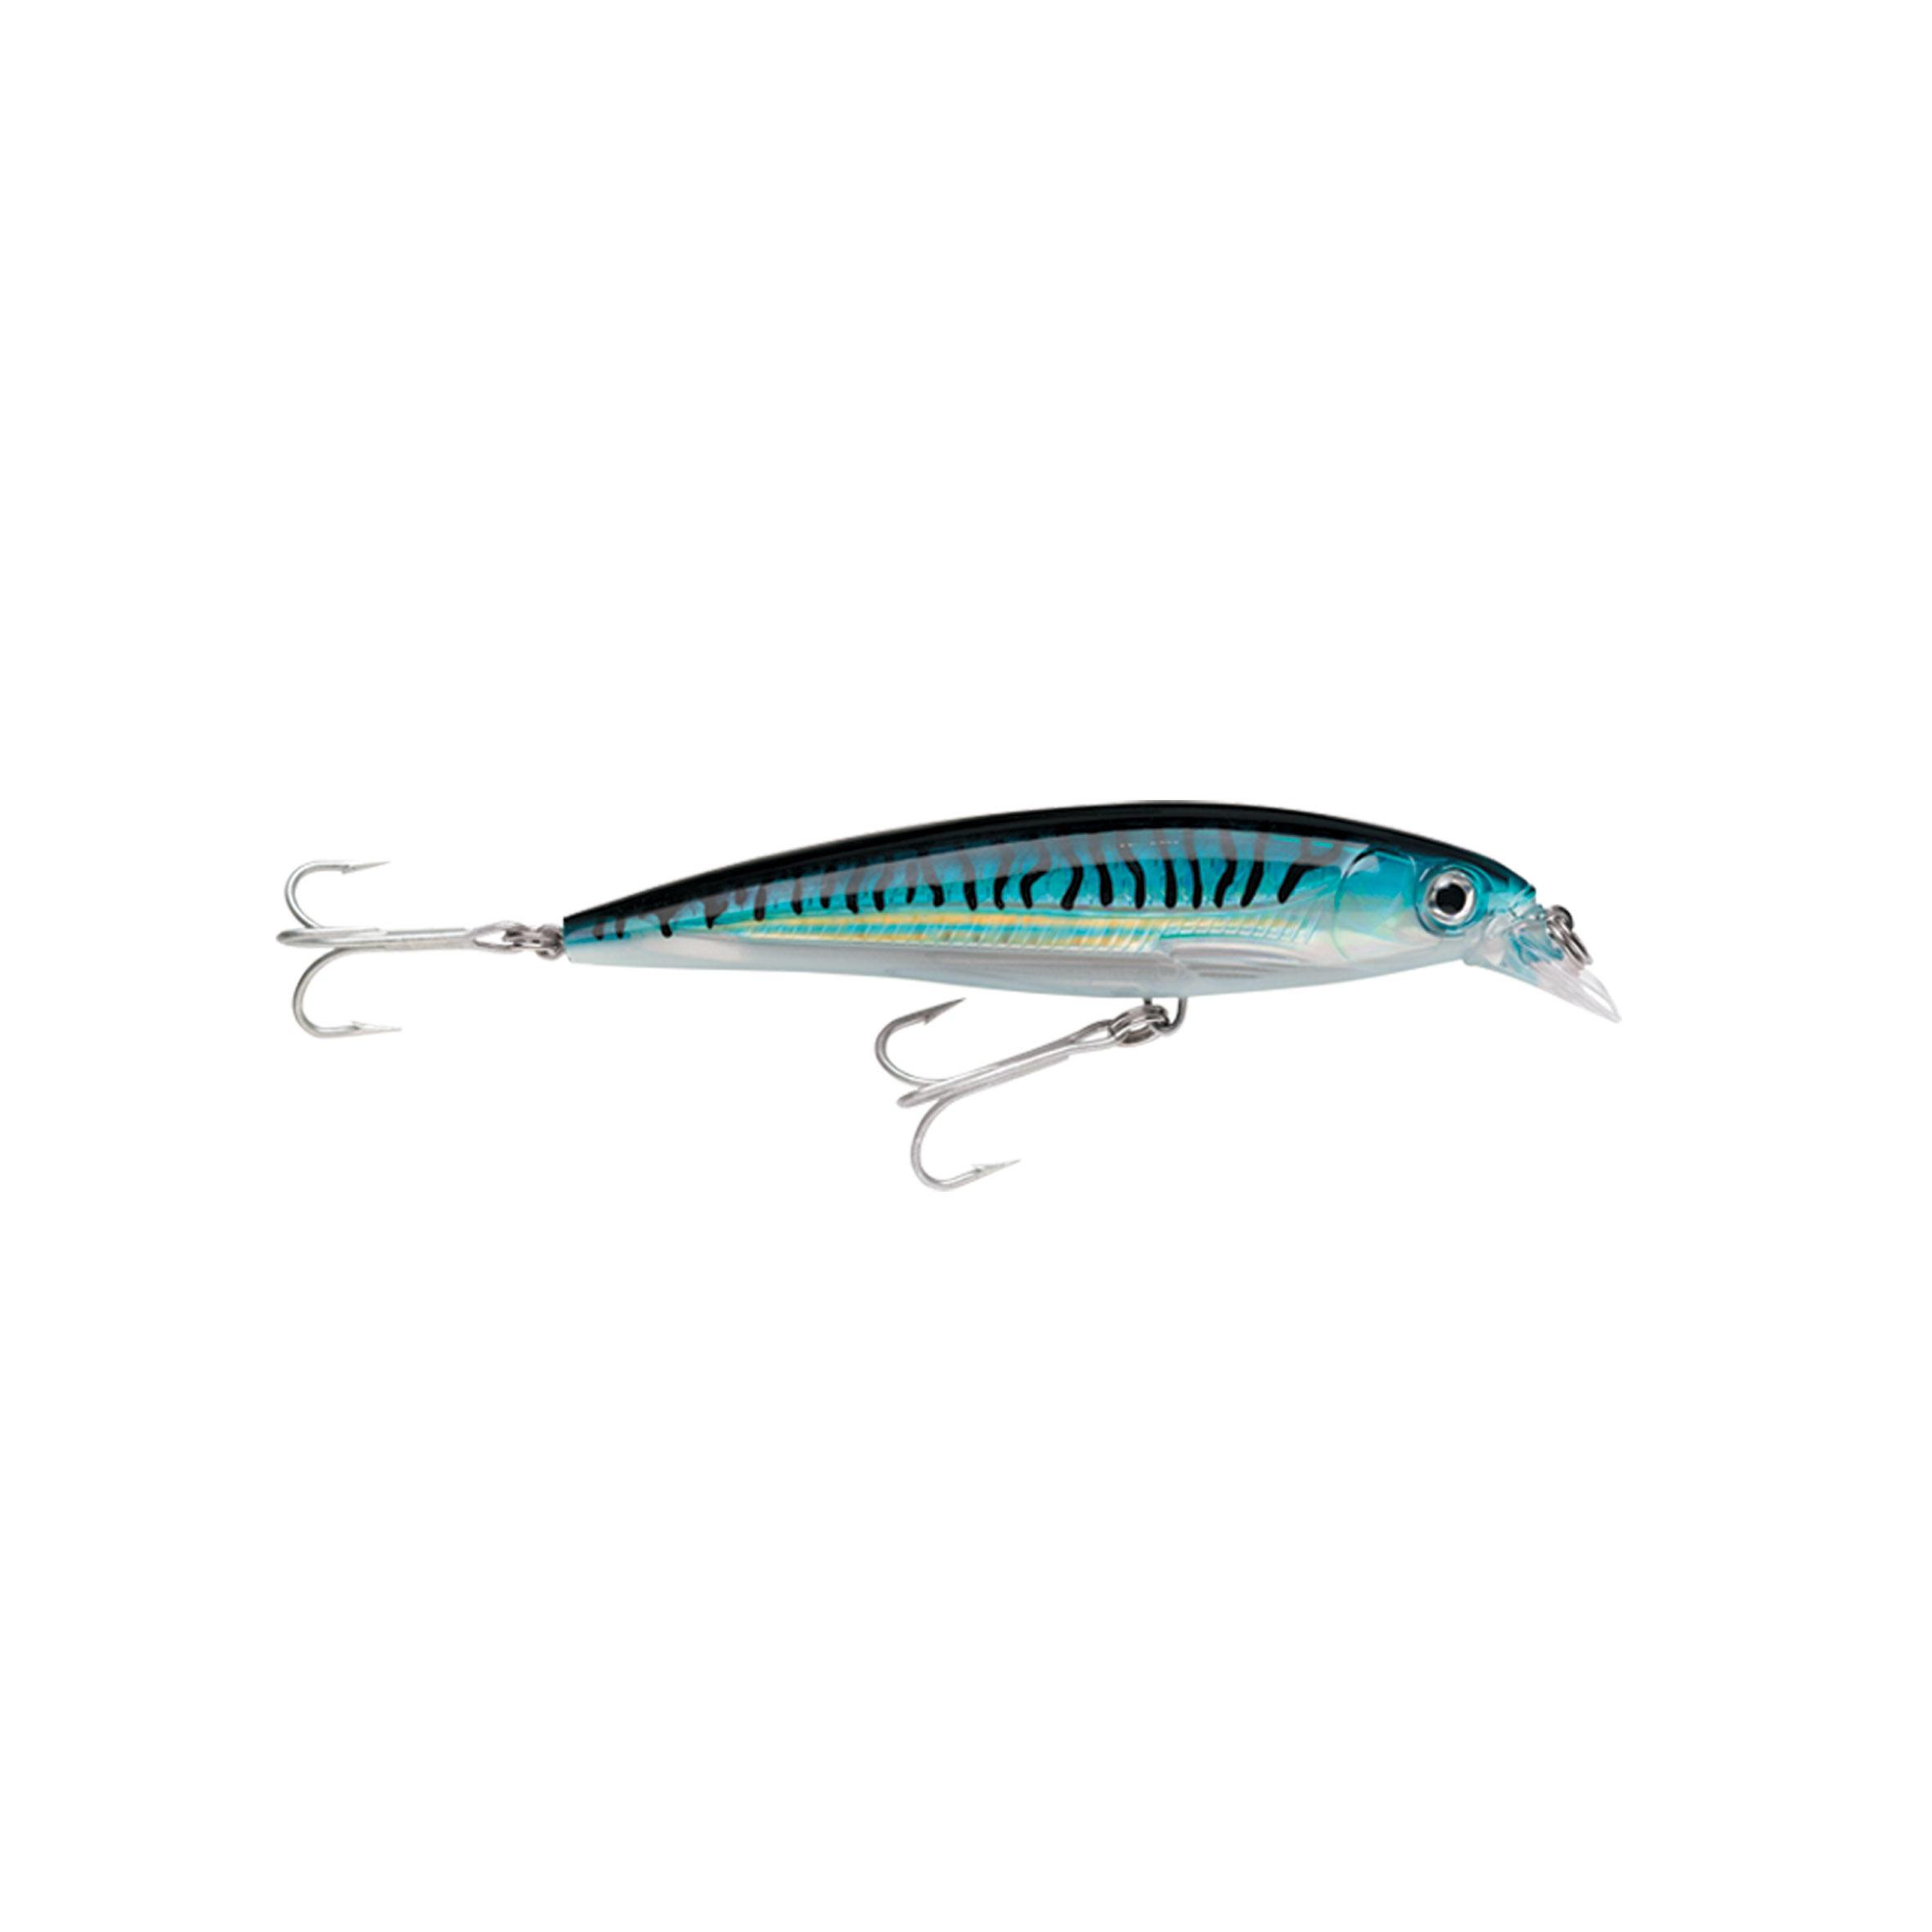 Rapala X-Rap Saltwater - 10 cm - 13 g - Silver Blue Mackerel